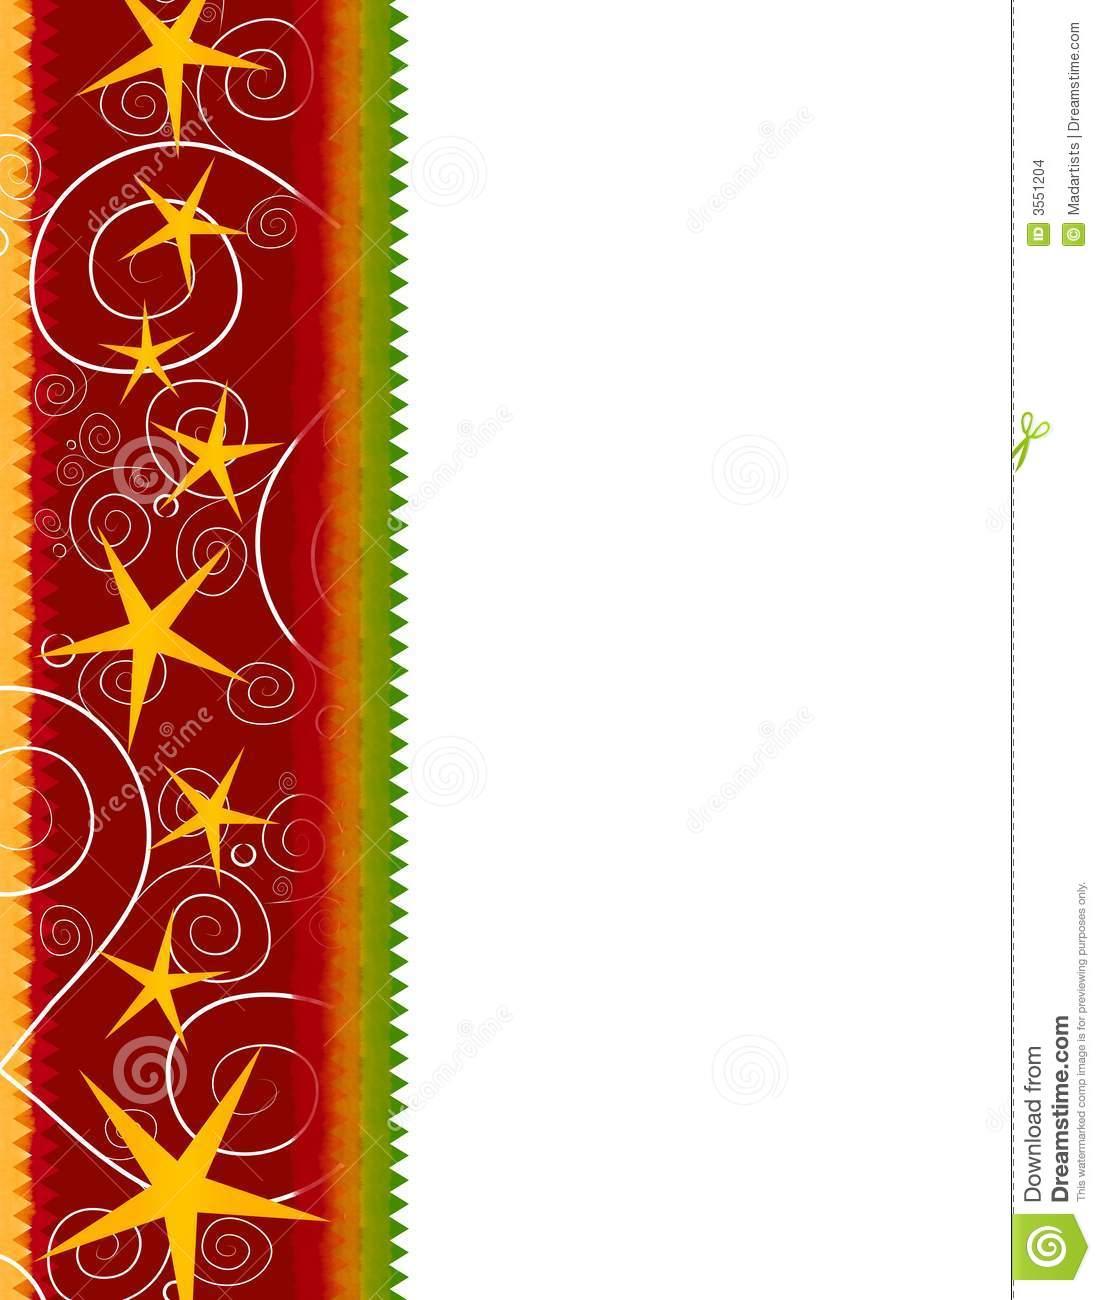 1101x1300 Stare clipart side border